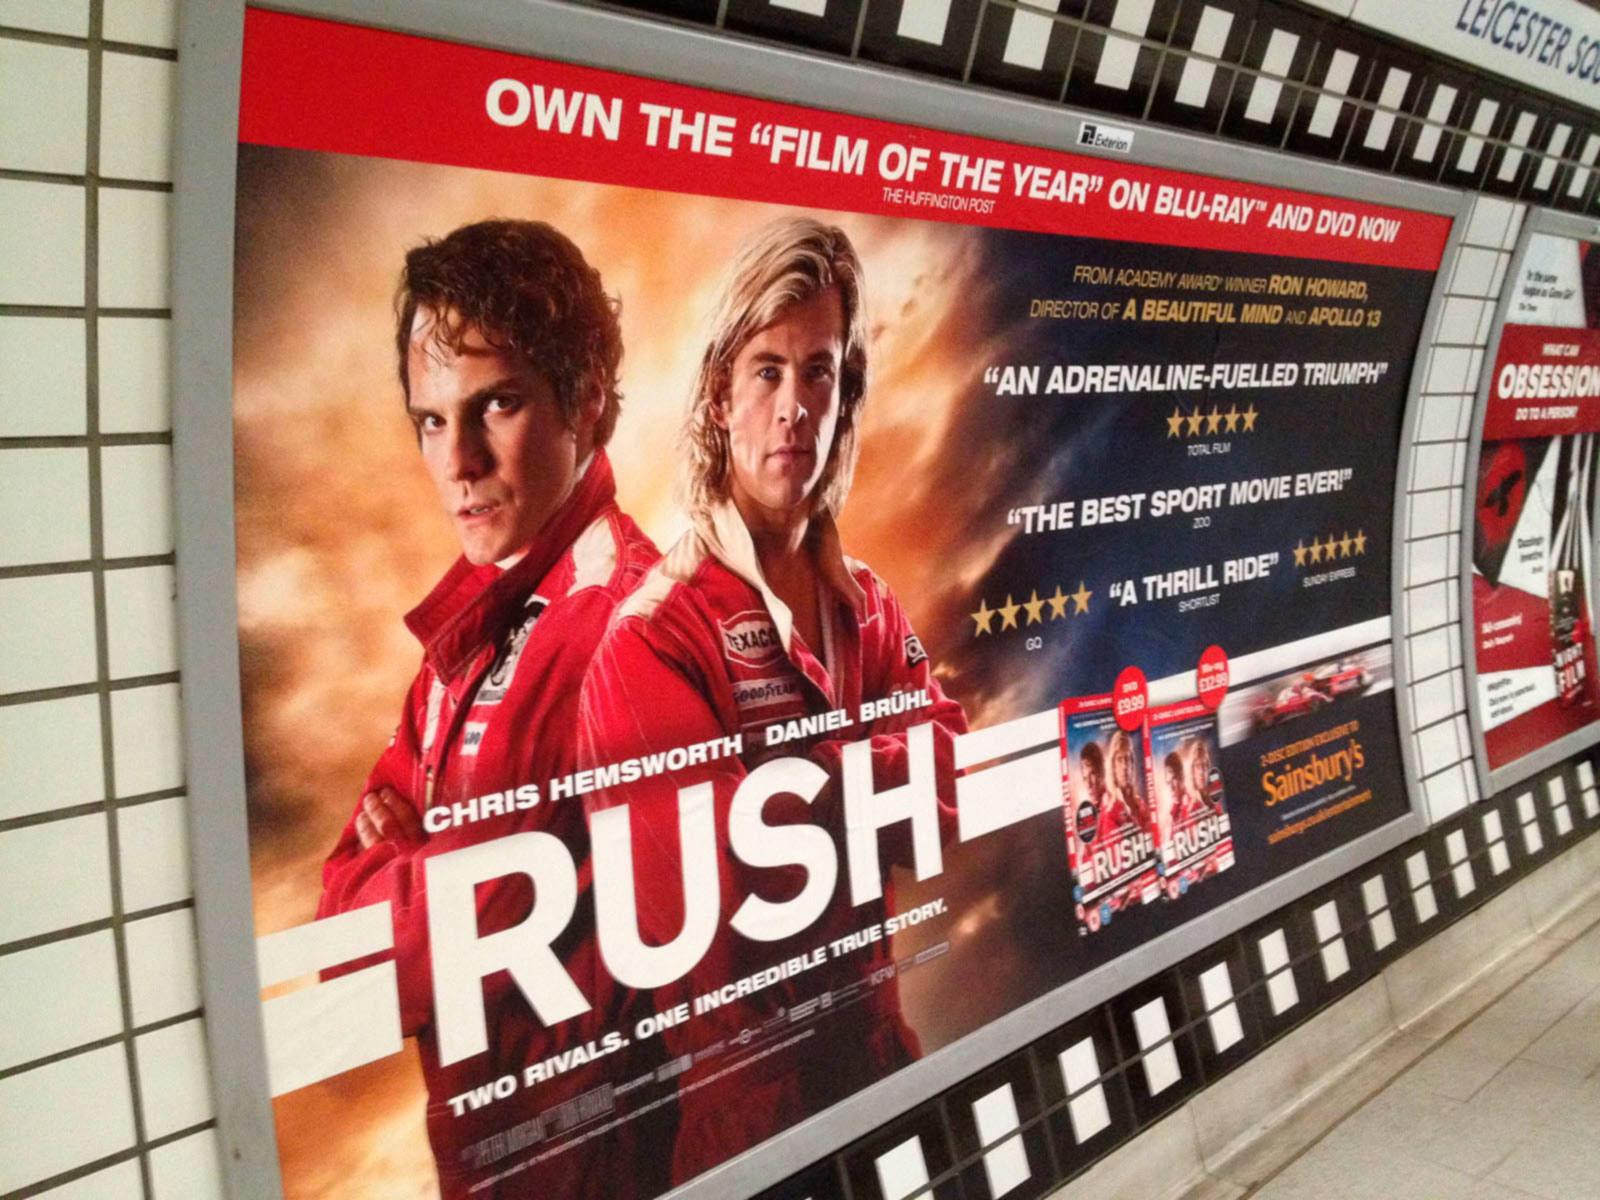 Niki Lauda em Filme - Hora do Rush - foto by Engyles